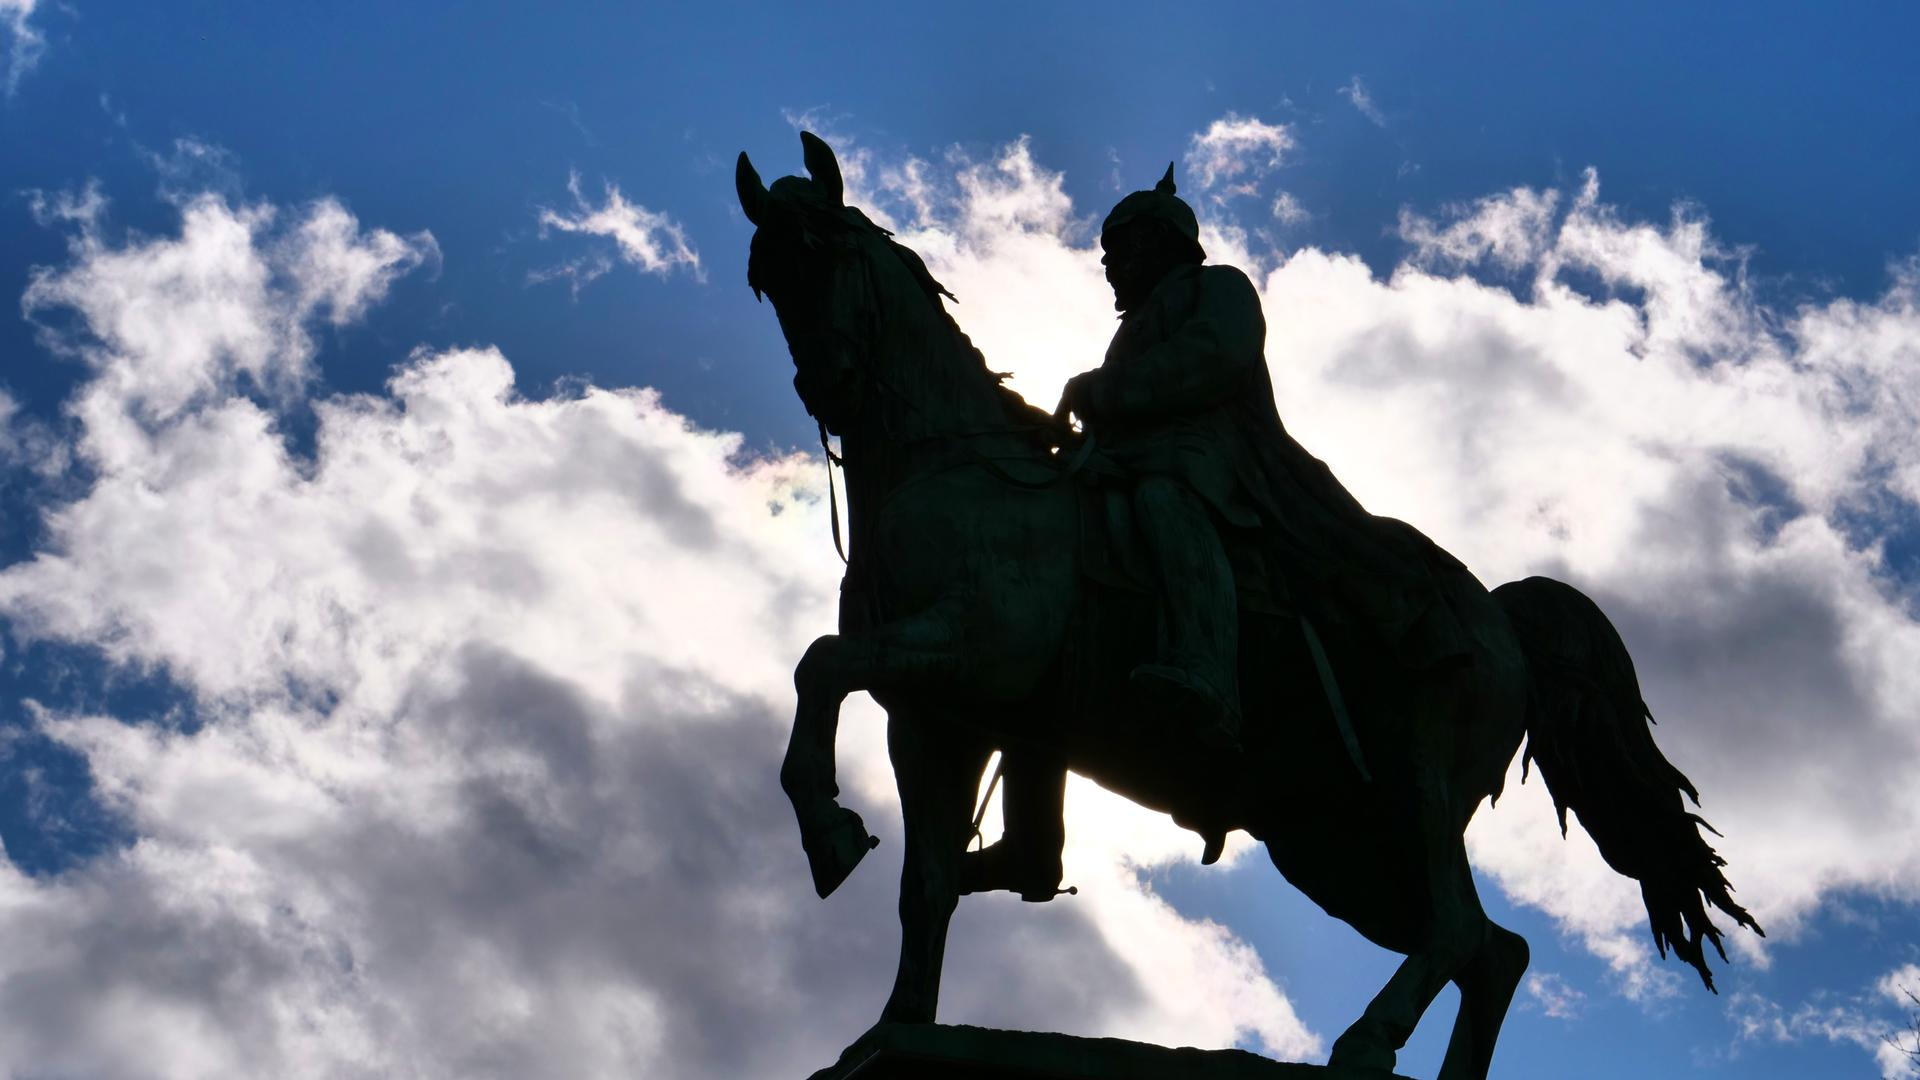 Umstrittene Heldenverehrung: Karlsruhe würdigt den vor 150 Jahren zum Kaiser ausgerufenen Wilhelm I. mit dem Reiterdenkmal auf dem Kaiserplatz.